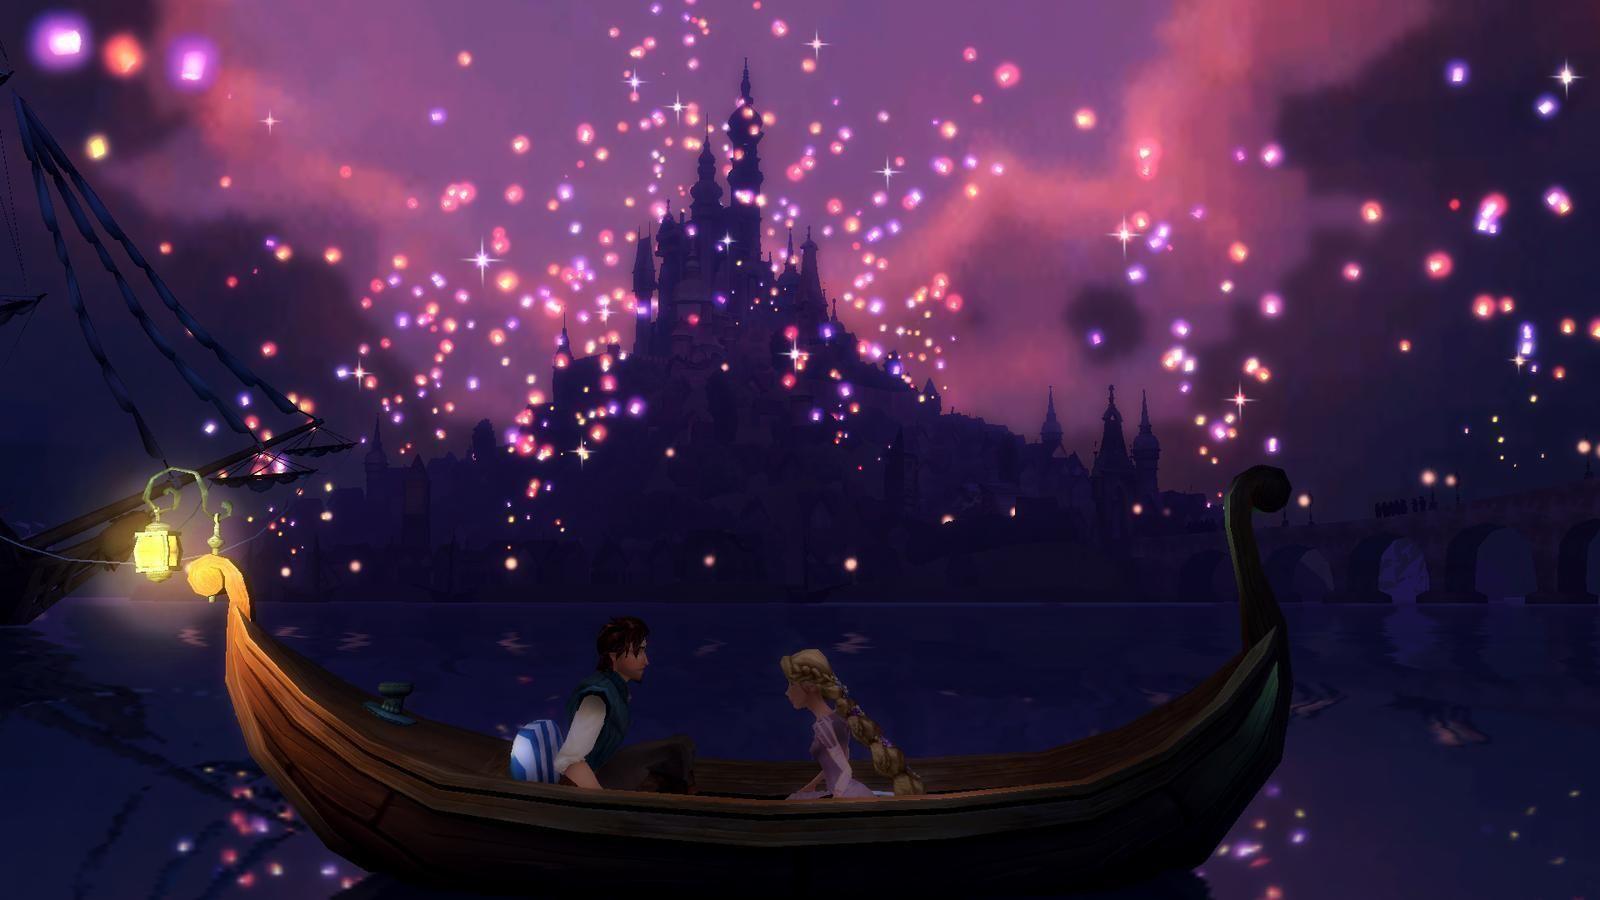 Disney Tangled By Nylah22 On Deviantart Tangled Wallpaper Tangled Lanterns Scene Tangled Lanterns